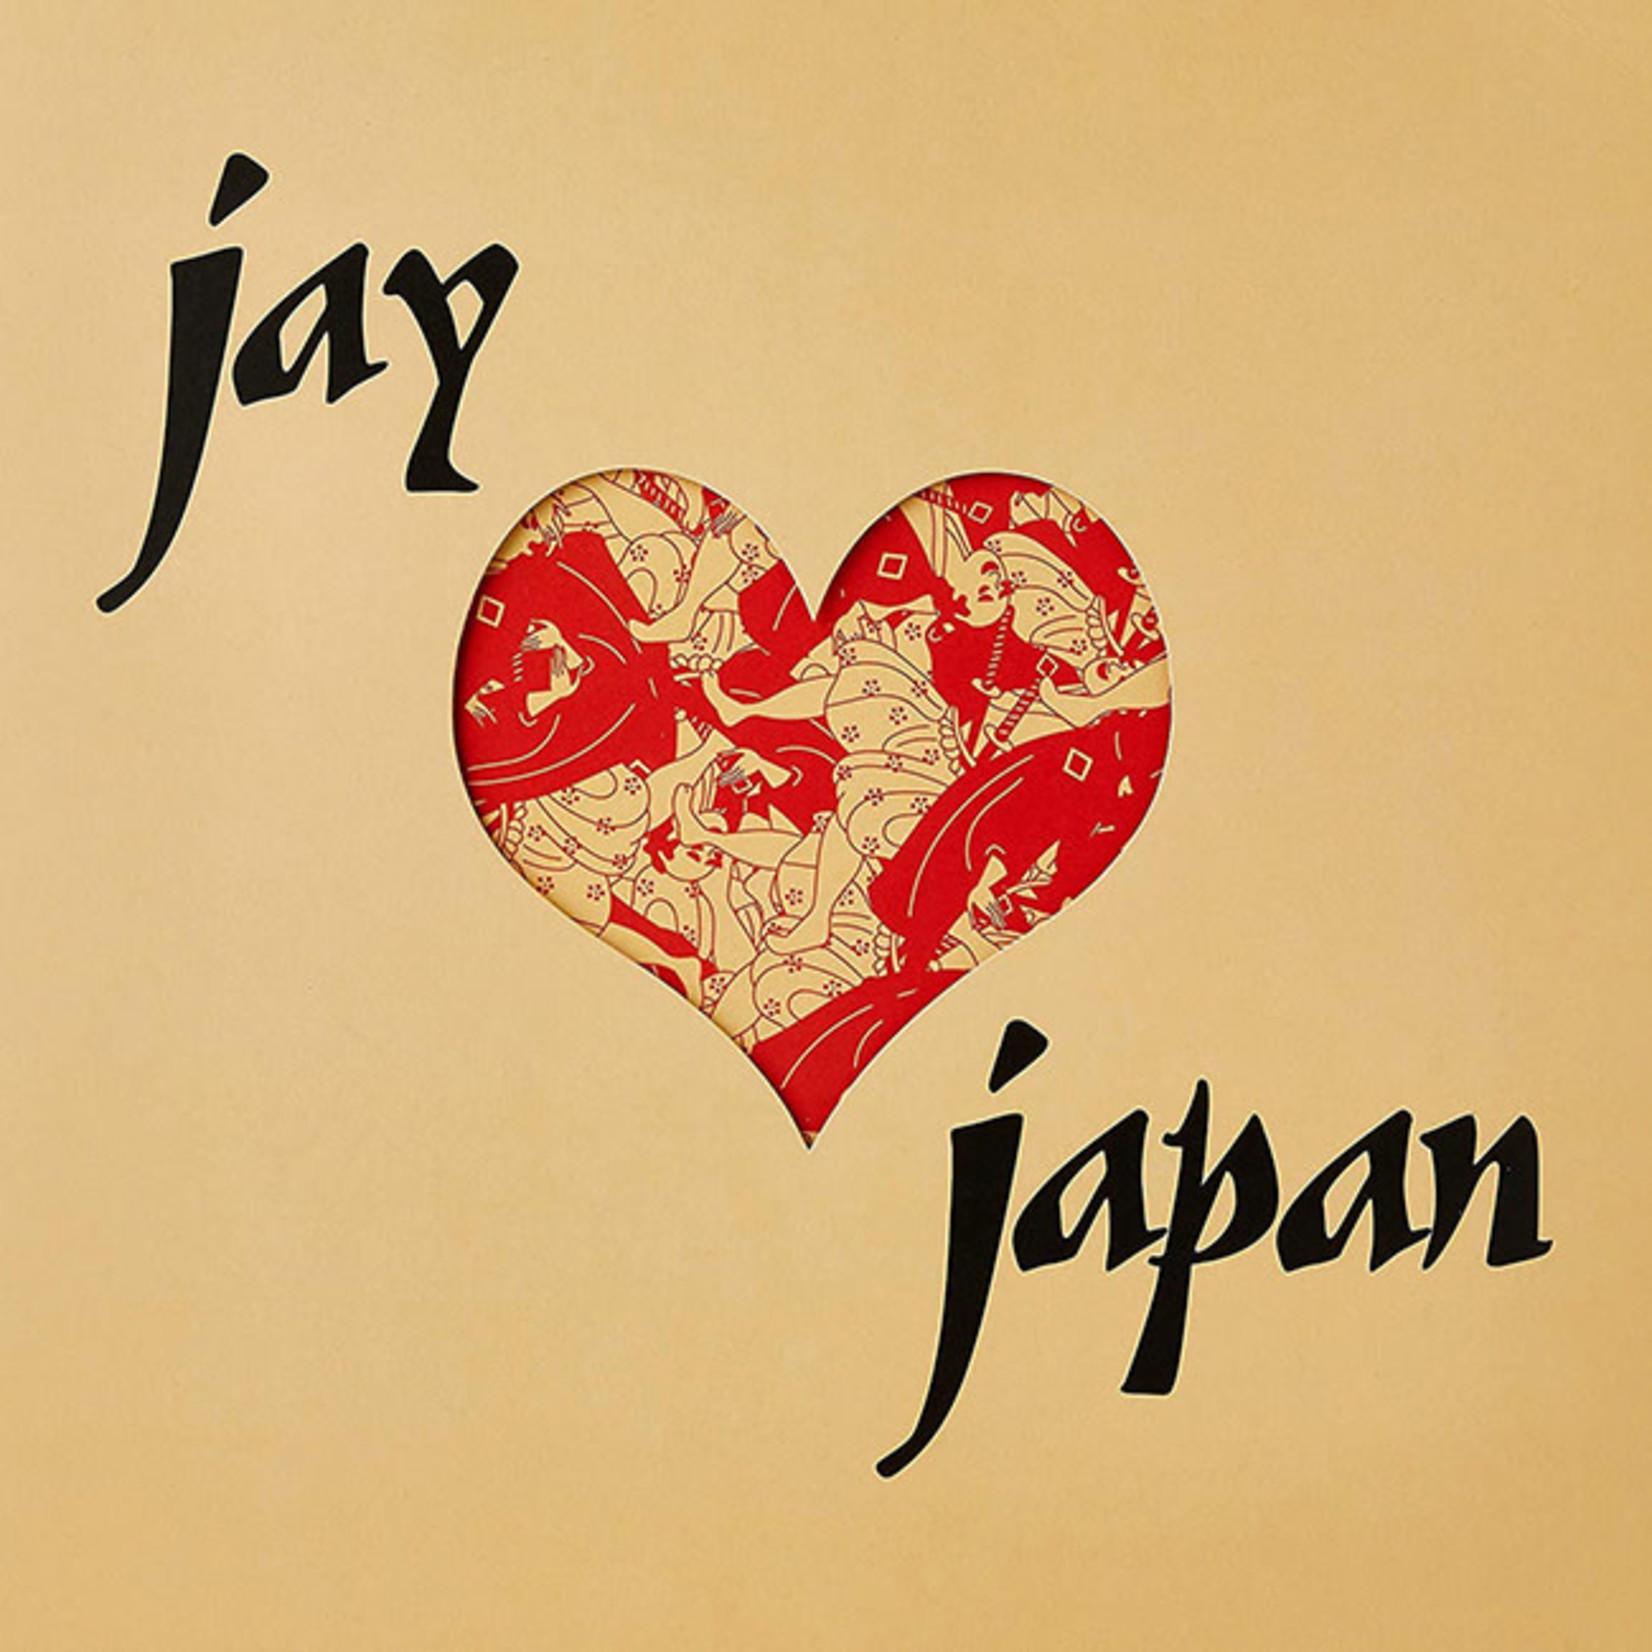 [New] J Dilla: Jay Love Japan